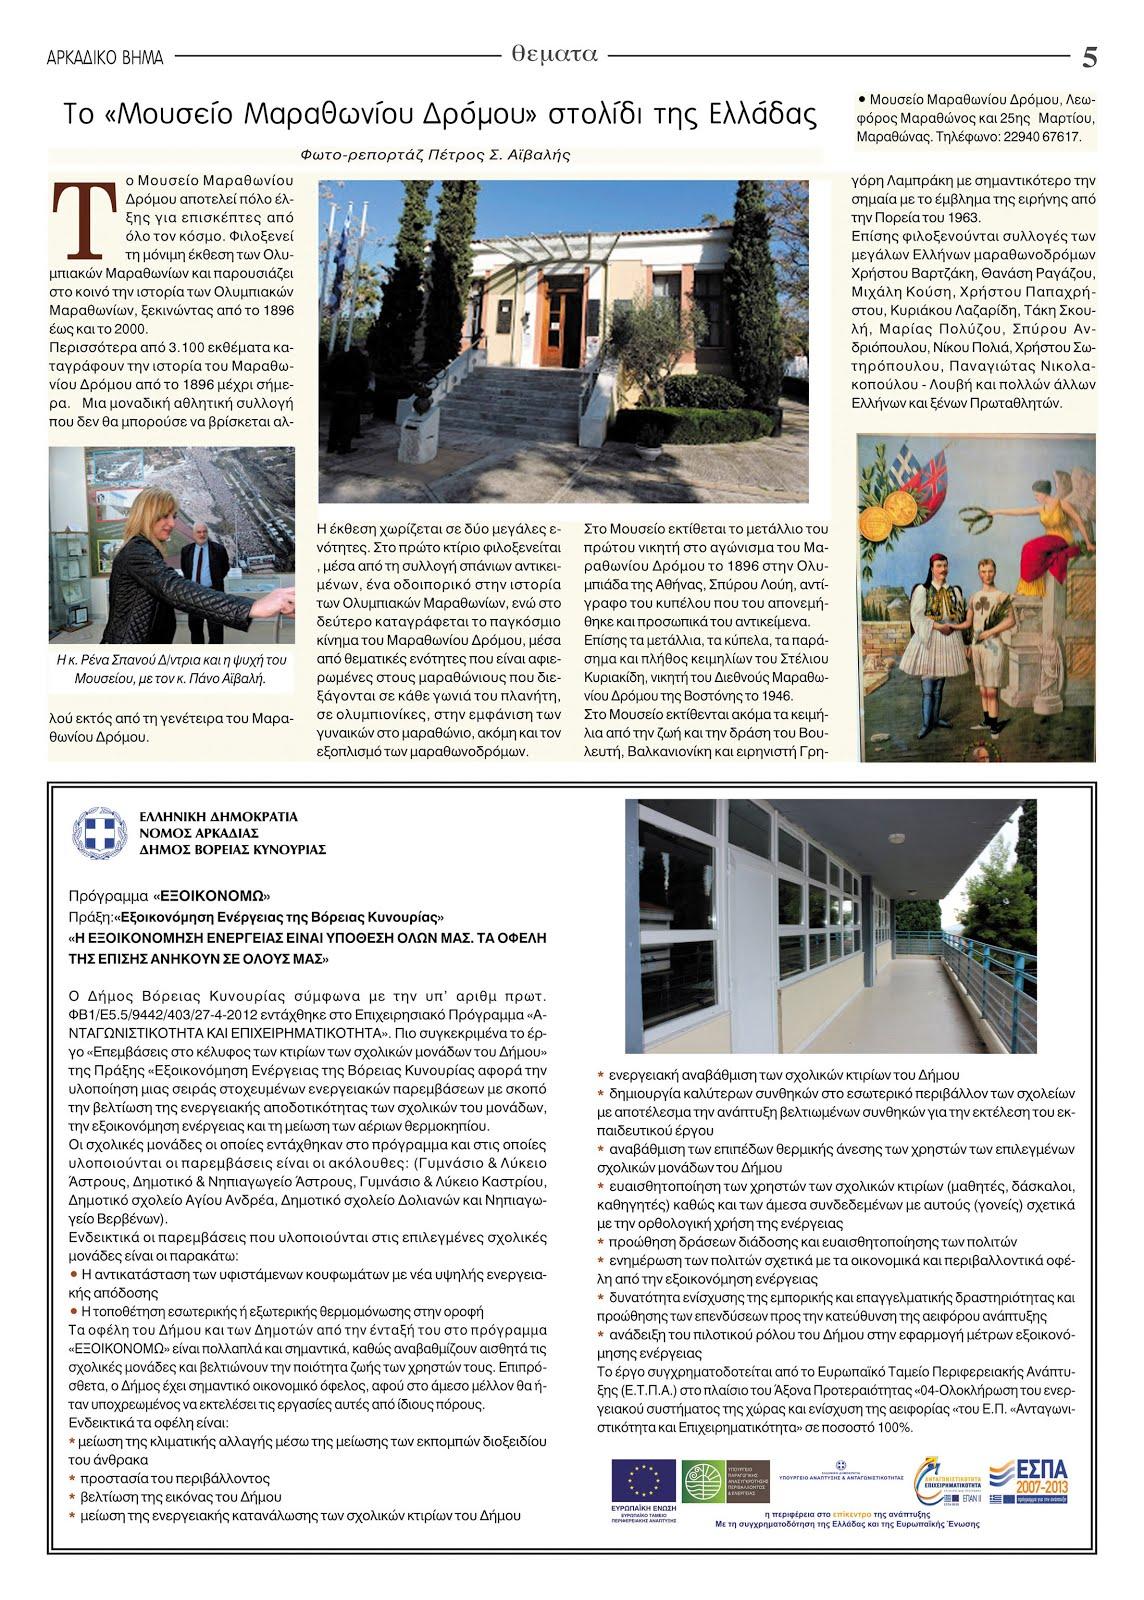 """""""Αρκαδικό Βήμα"""": Το Μουσείο Μαραθωνίου Δρόμου στολίδι της Ελλάδας"""